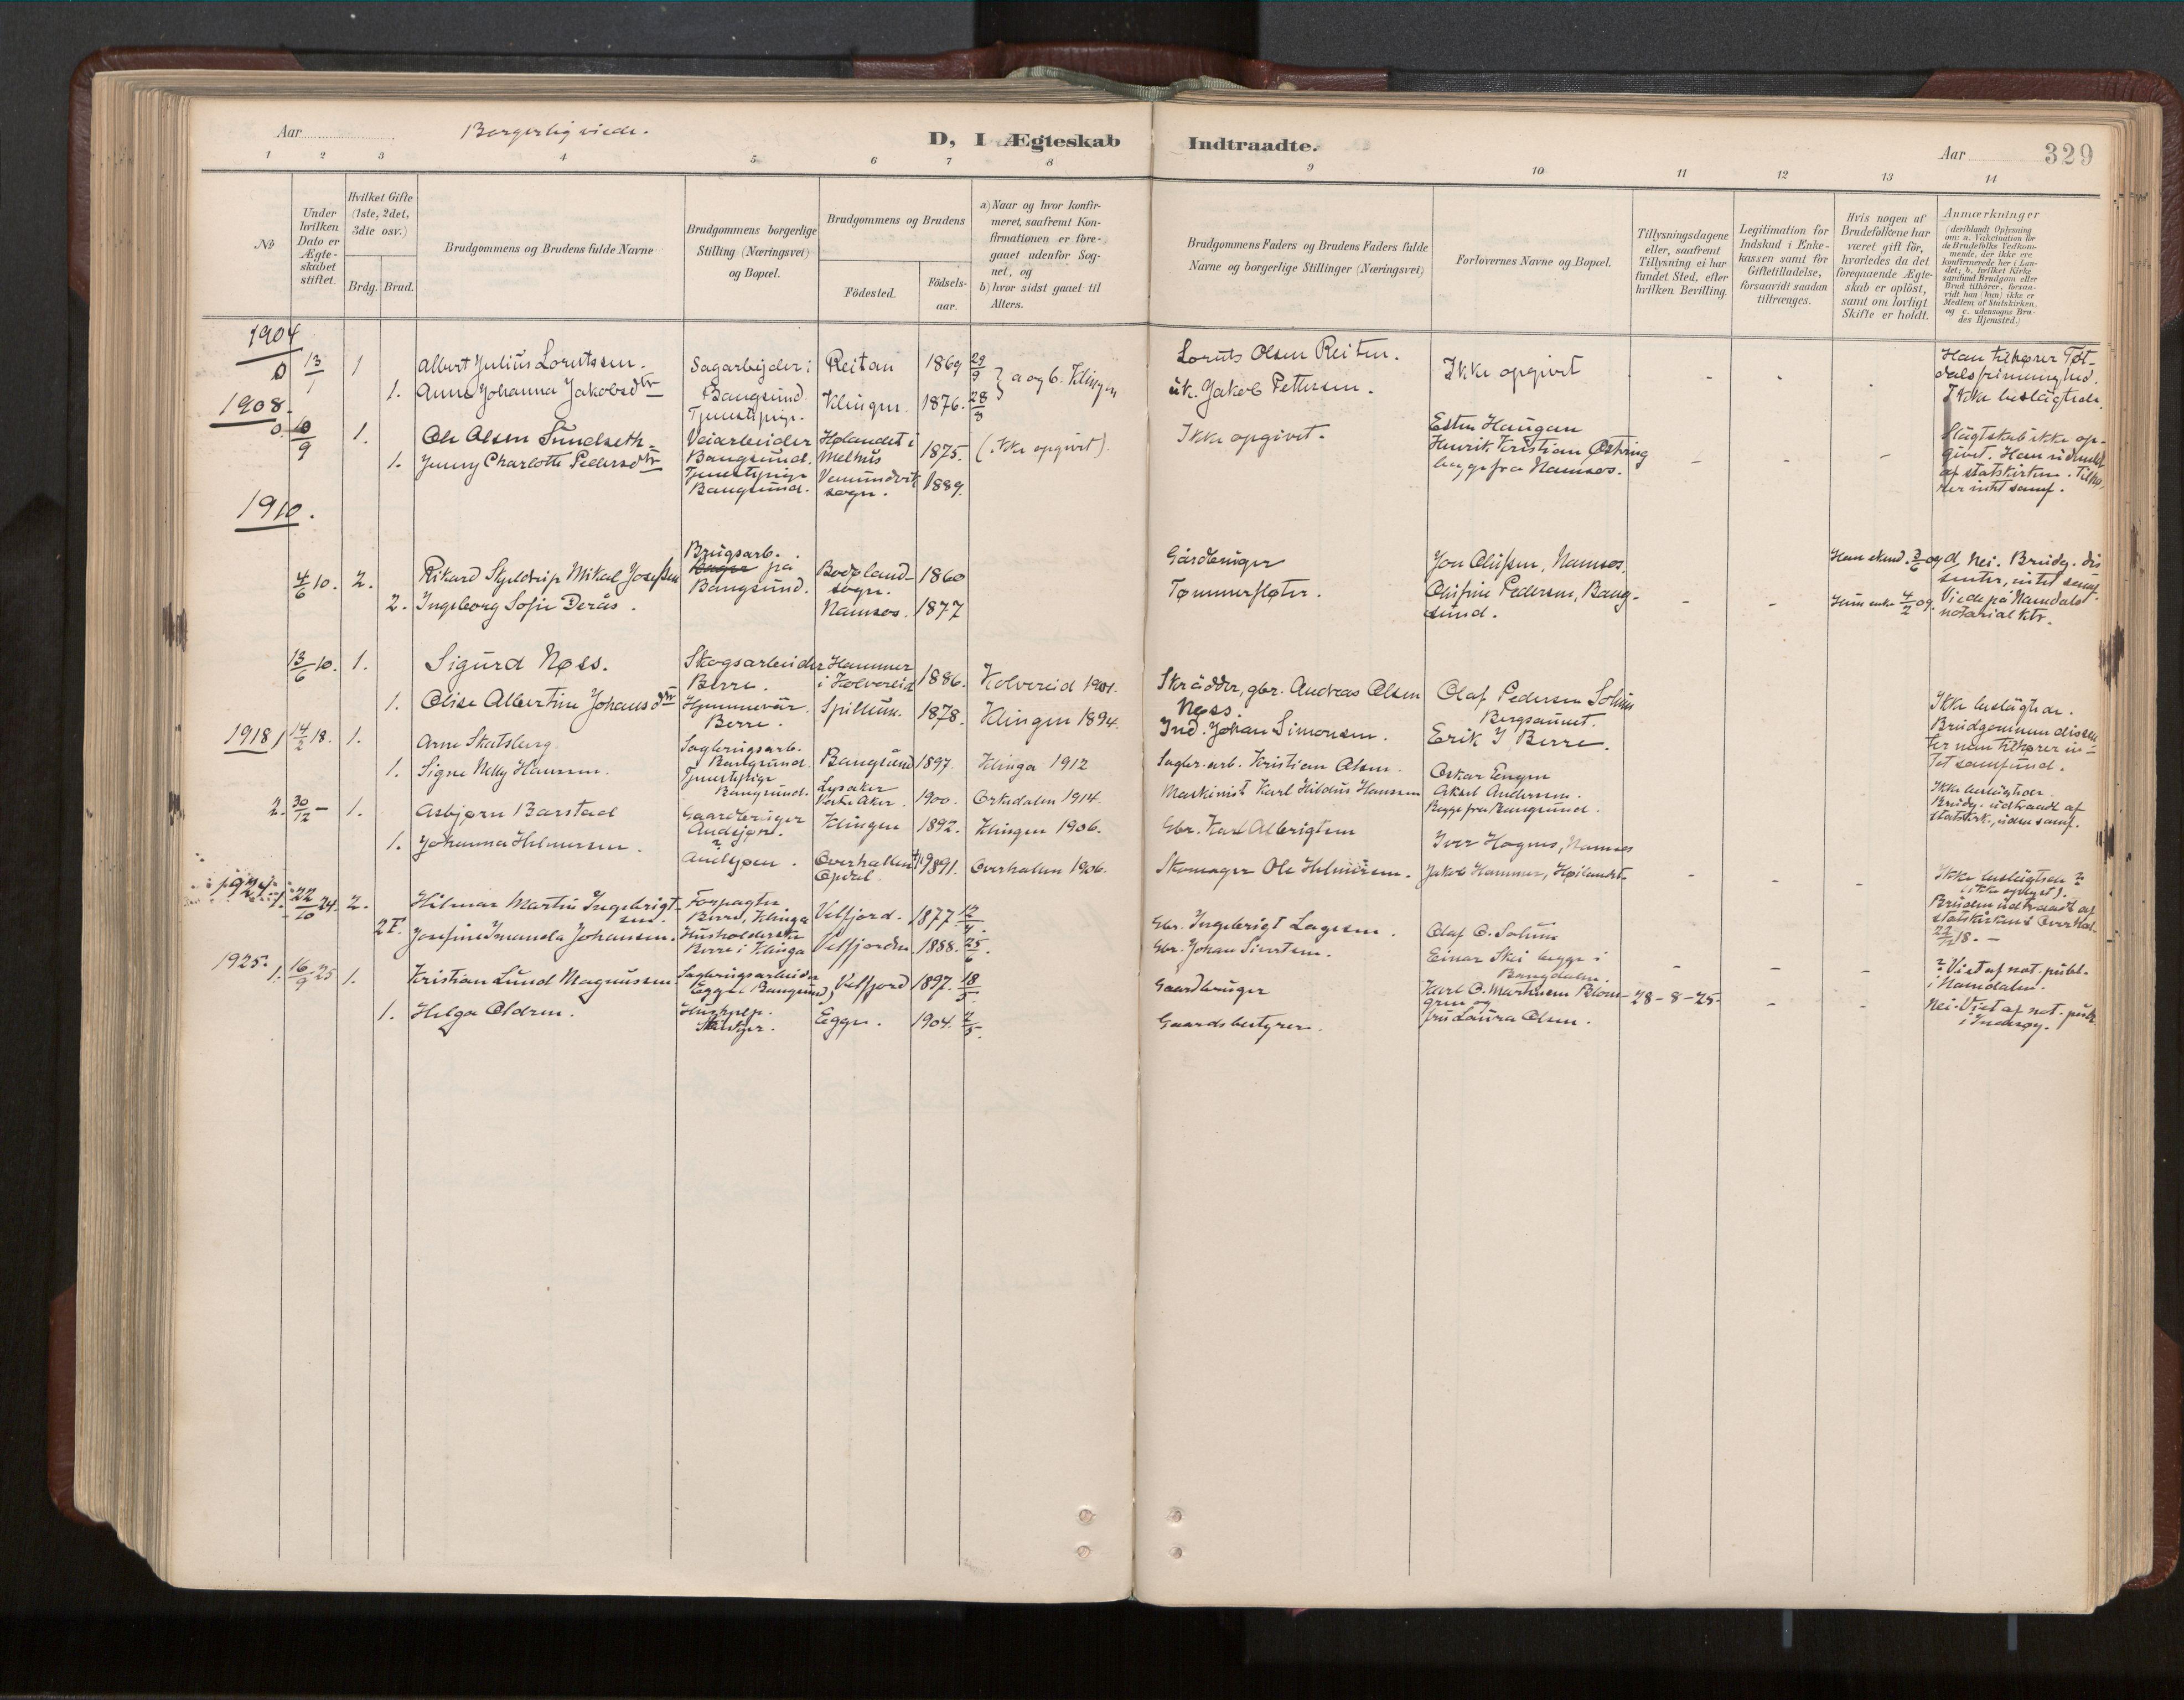 SAT, Ministerialprotokoller, klokkerbøker og fødselsregistre - Nord-Trøndelag, 770/L0589: Ministerialbok nr. 770A03, 1887-1929, s. 329